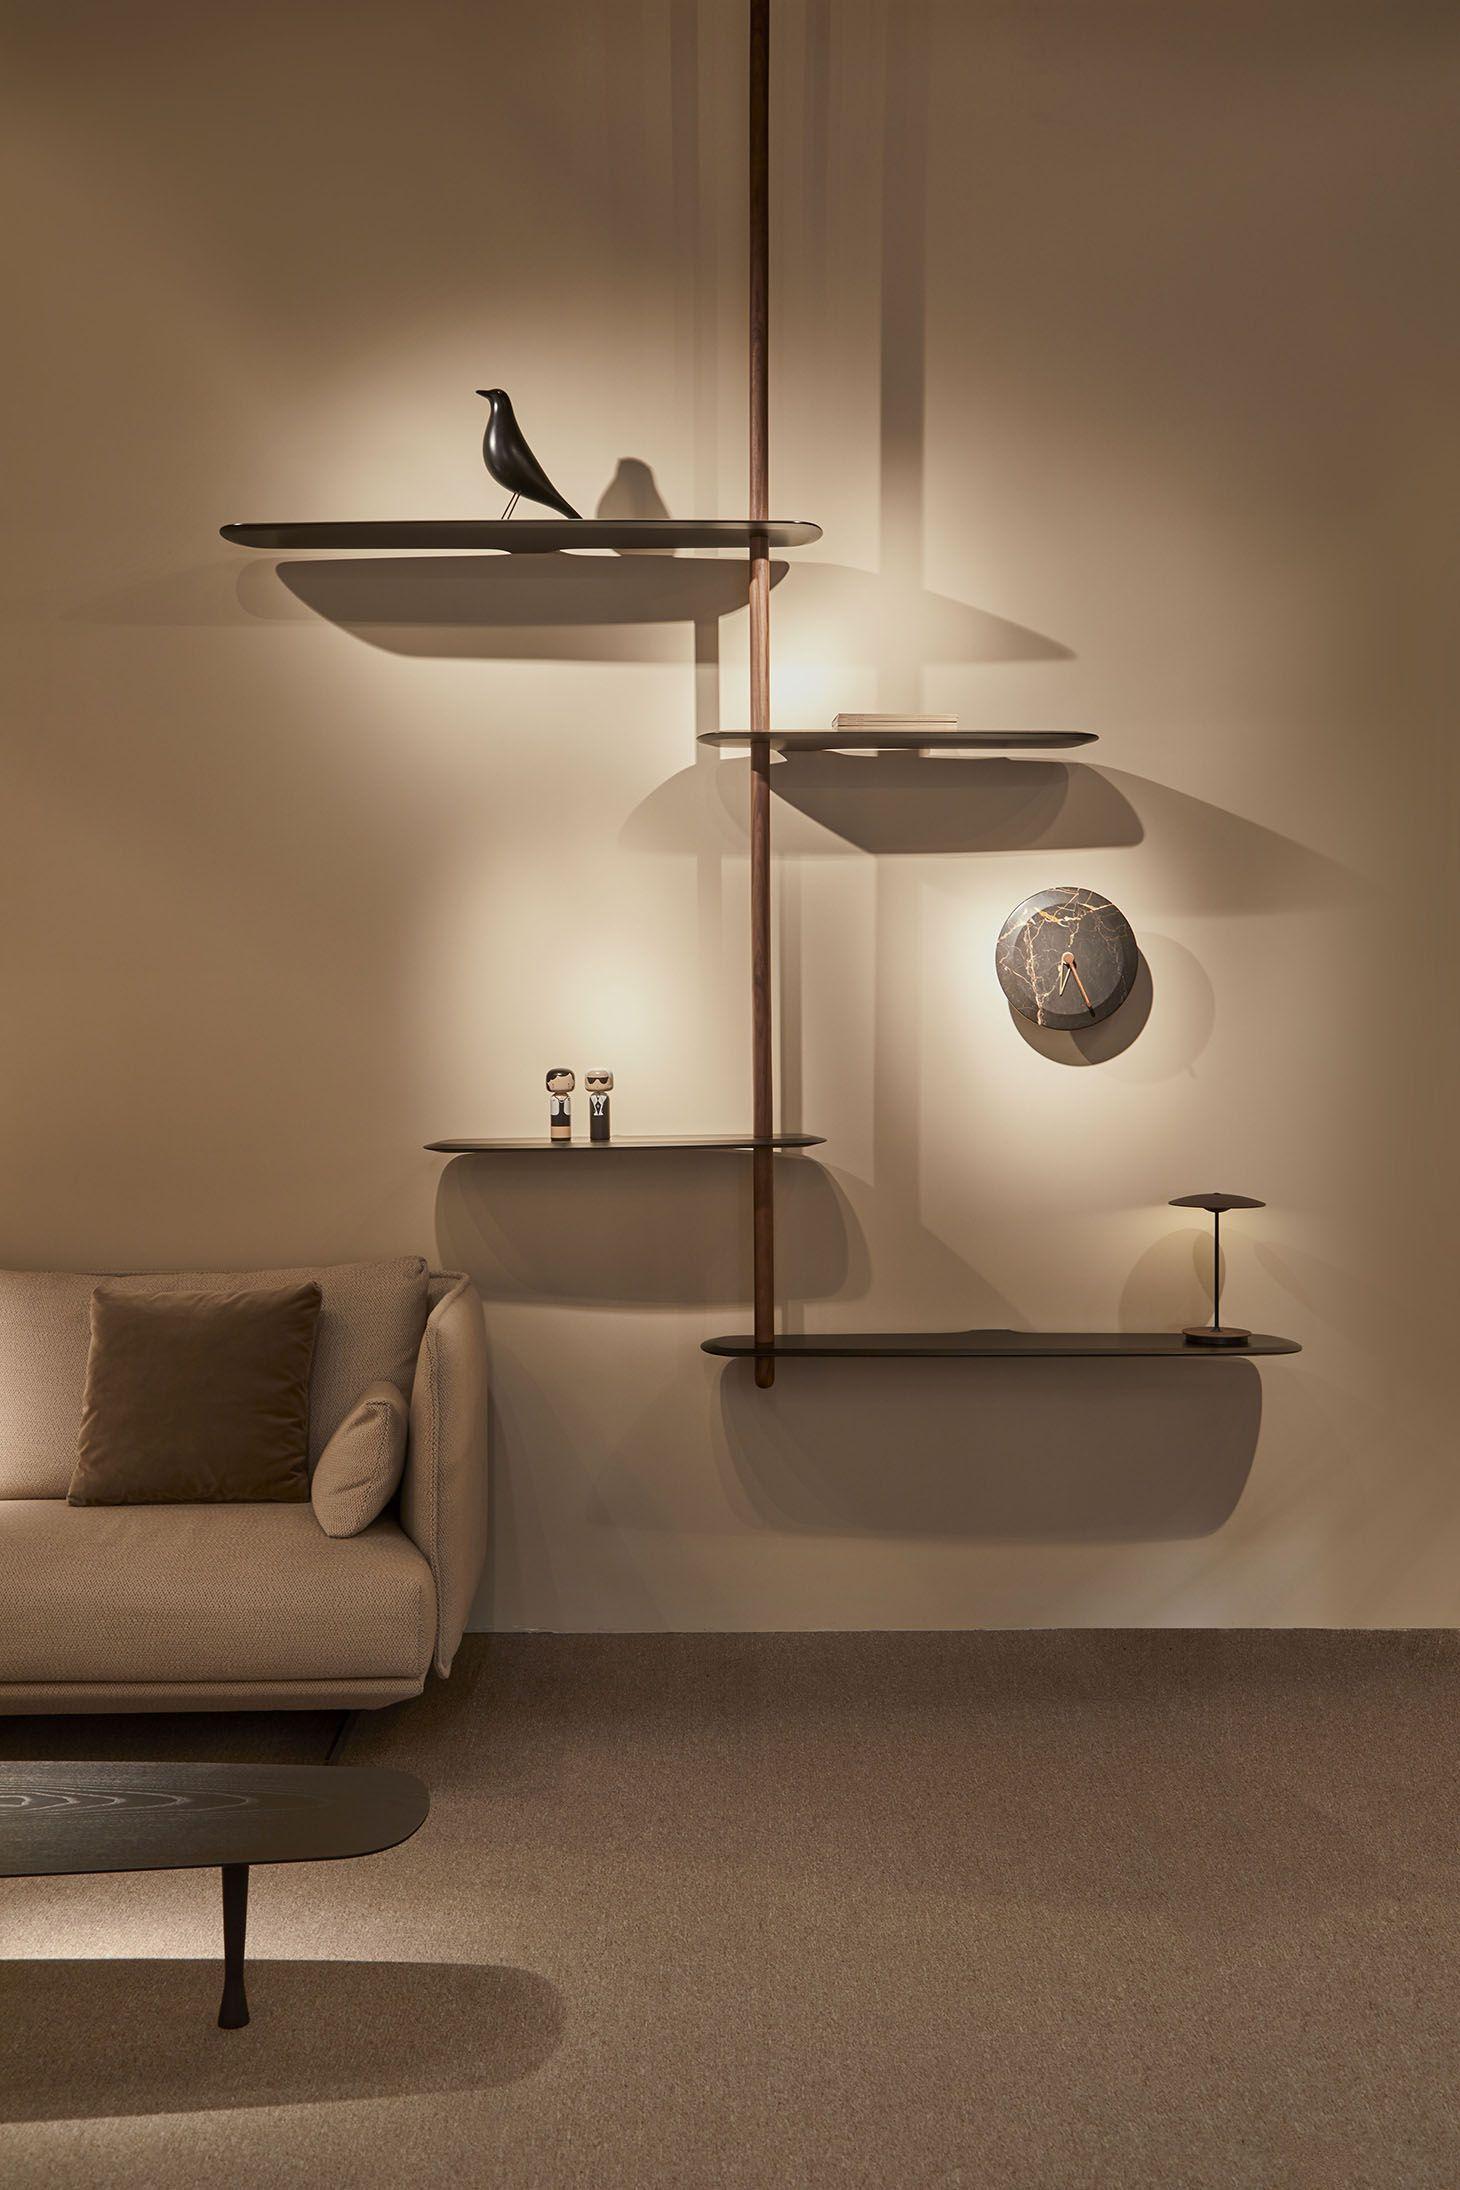 Solid Walnut In 2020 Furniture Design Modern Shelving Design Home Room Design #wall #shelves #design #for #living #room